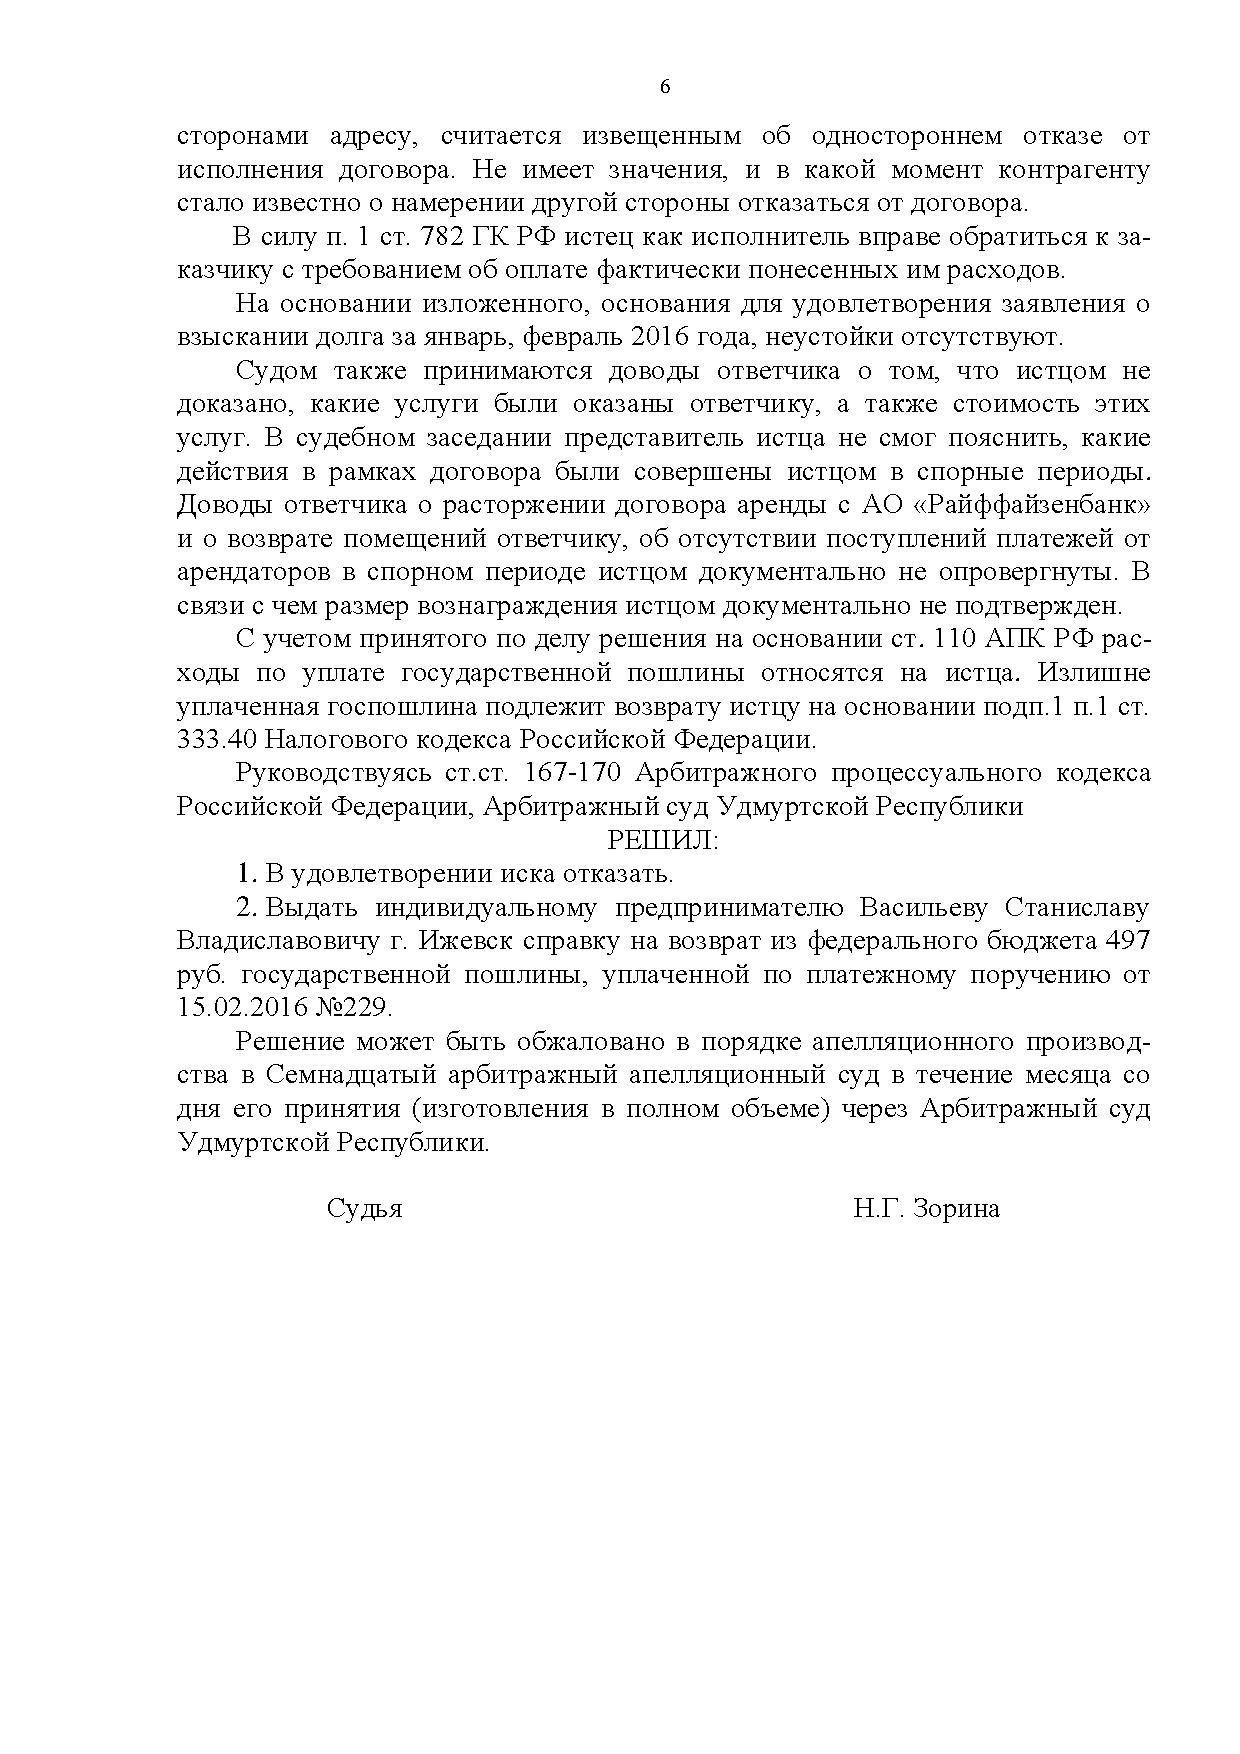 Решение по делу А71-1826-2016